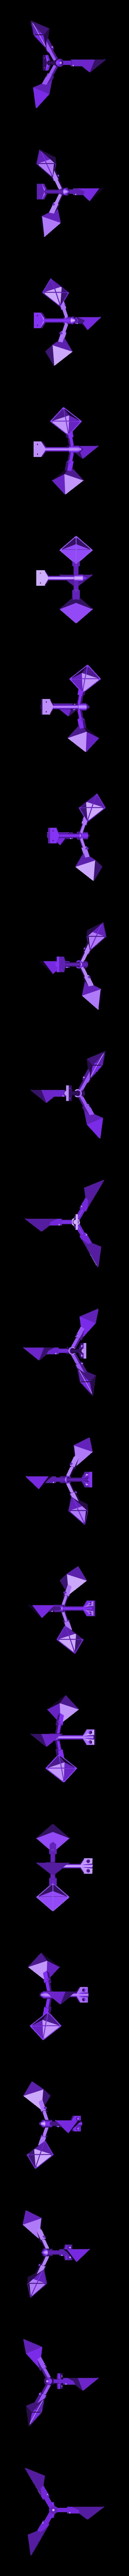 Windrad_V4-a1.stl Download free STL file Wind Gauge / Windspiel V4 (customizable) • 3D printable object, dede67